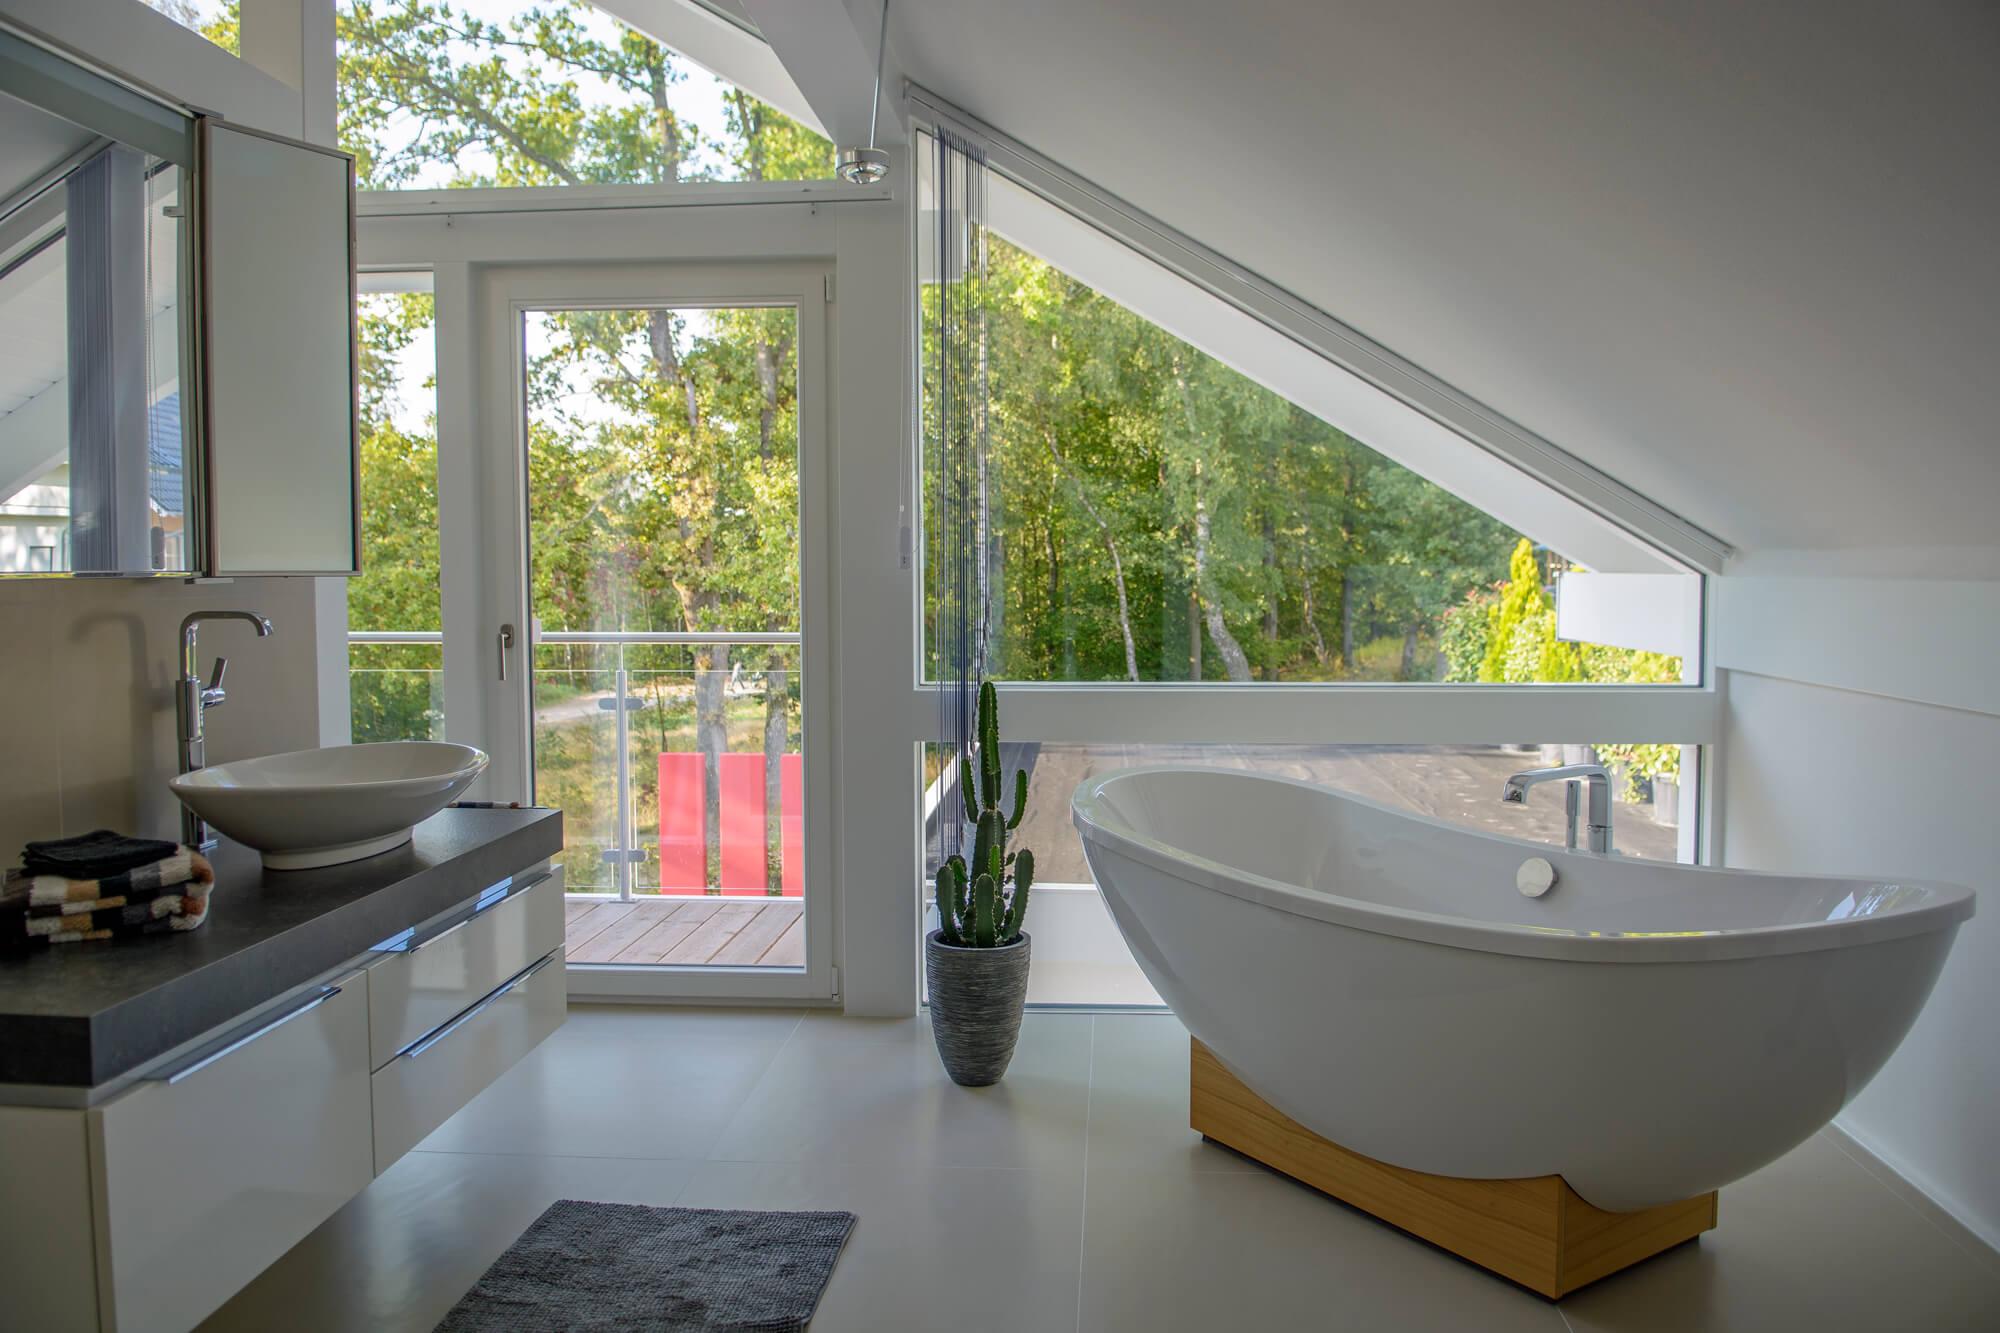 Bezaubernd Moderne Häuser Innen Das Beste Von